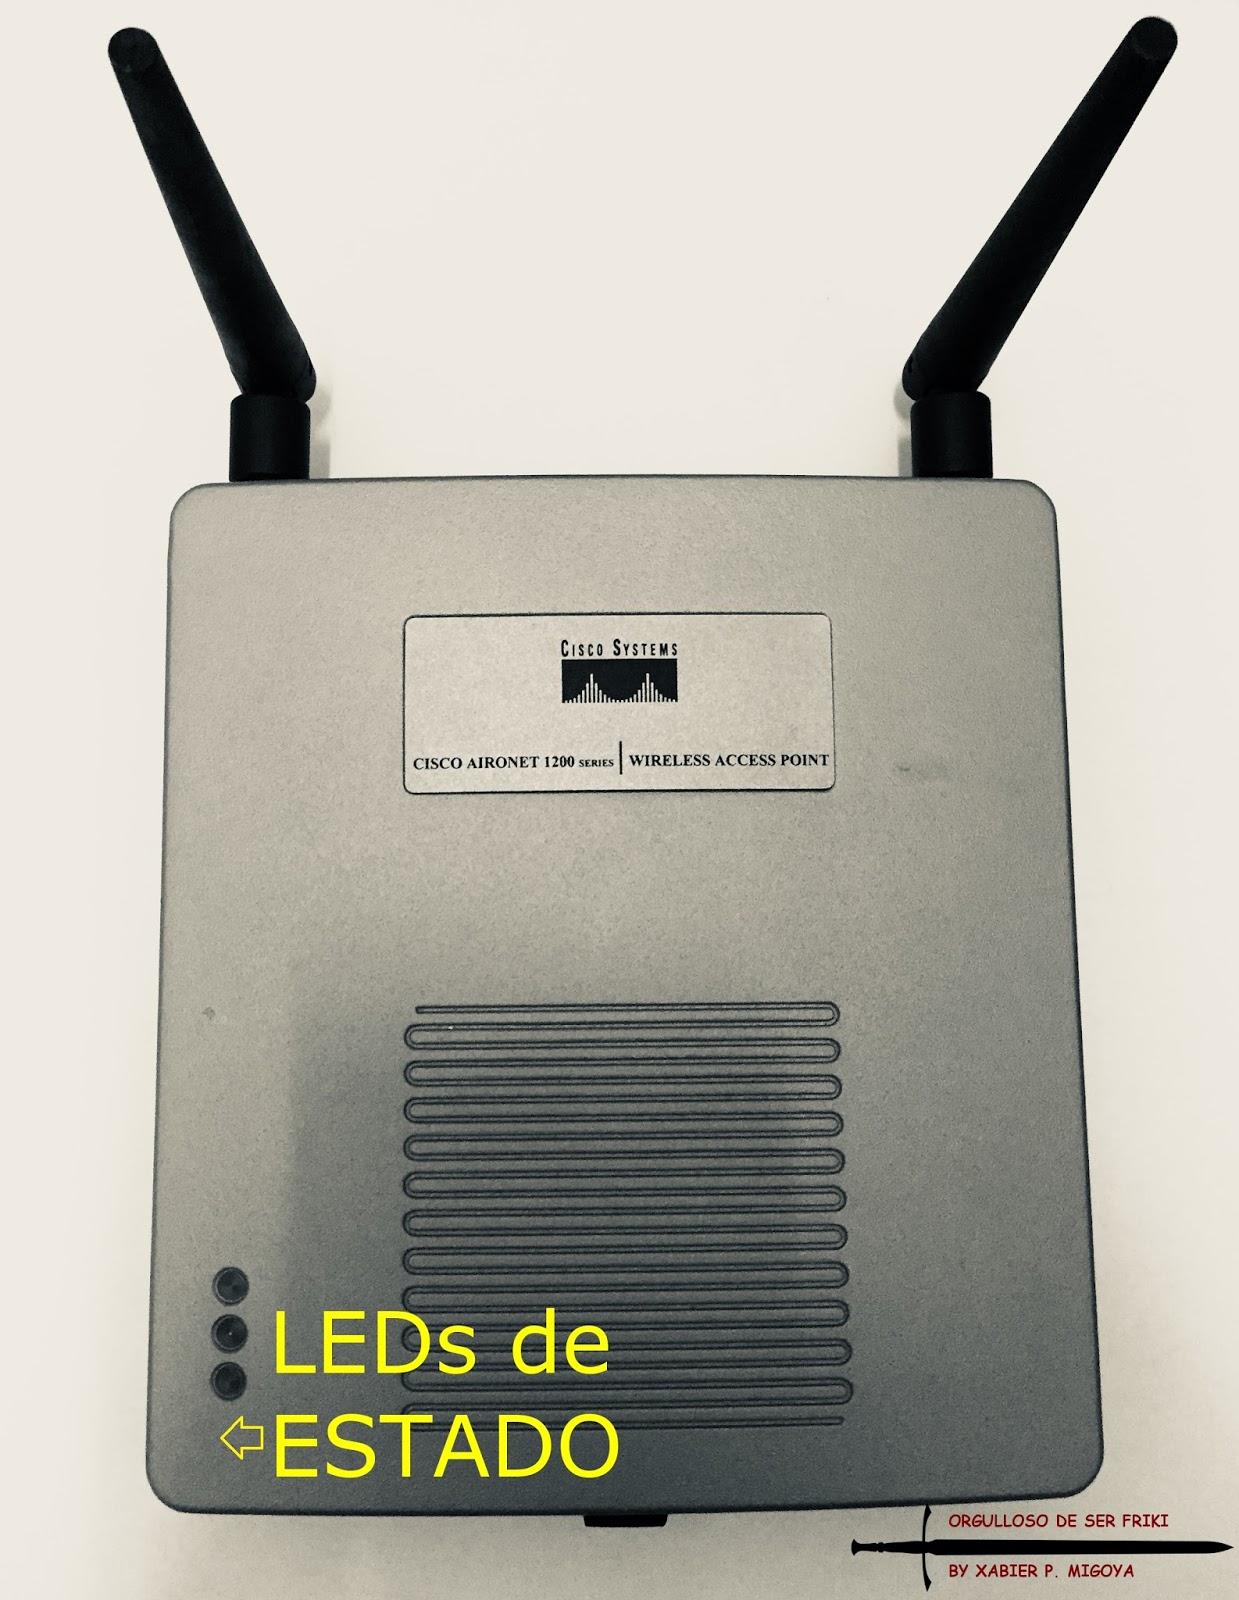 Como resetear a valores de fabrica un AP Cisco AIRONET 1200 Series